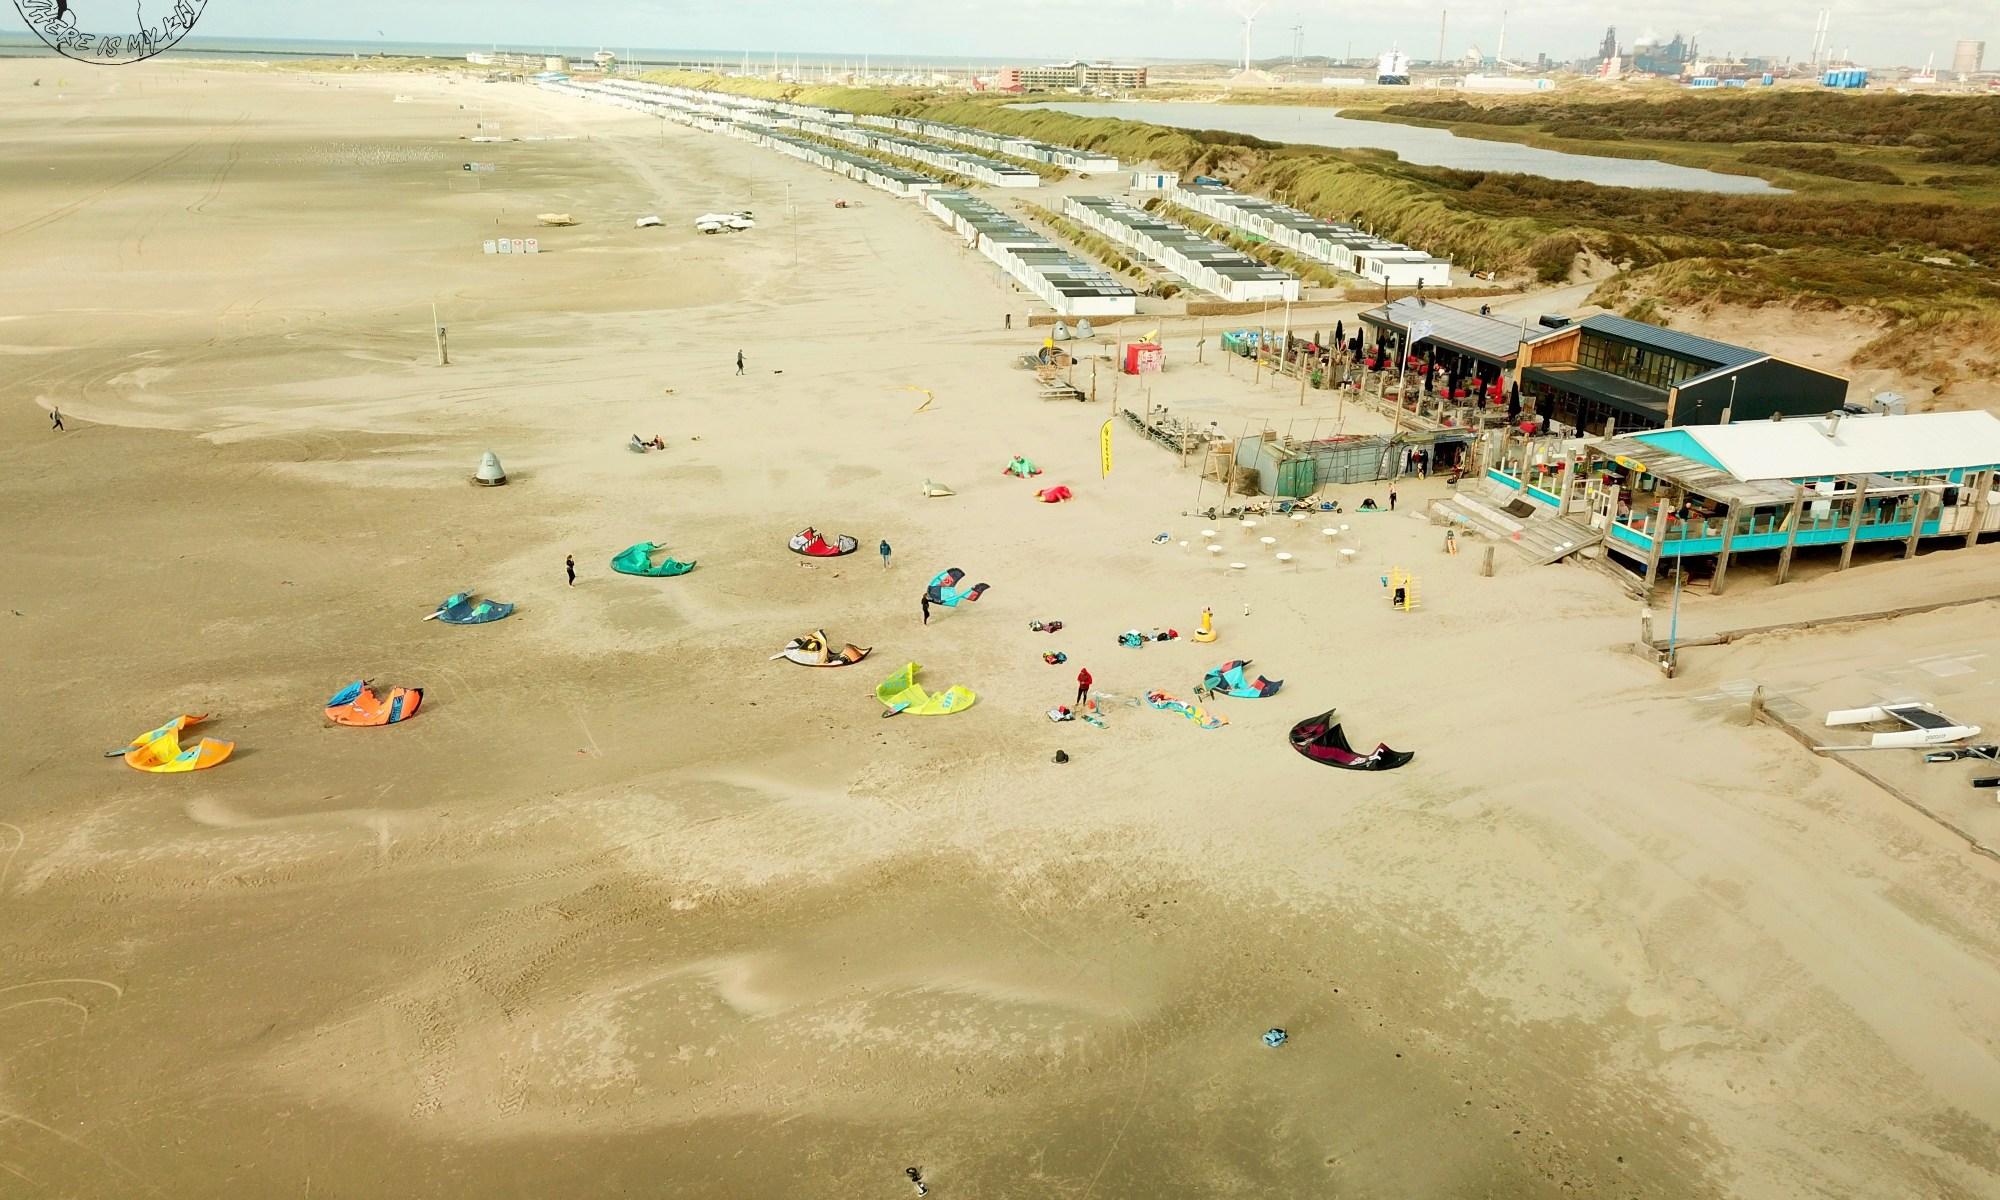 Spot de kitesurf en Hollande à UIjmuiden, vantrip avec la kite family, zone de décollage